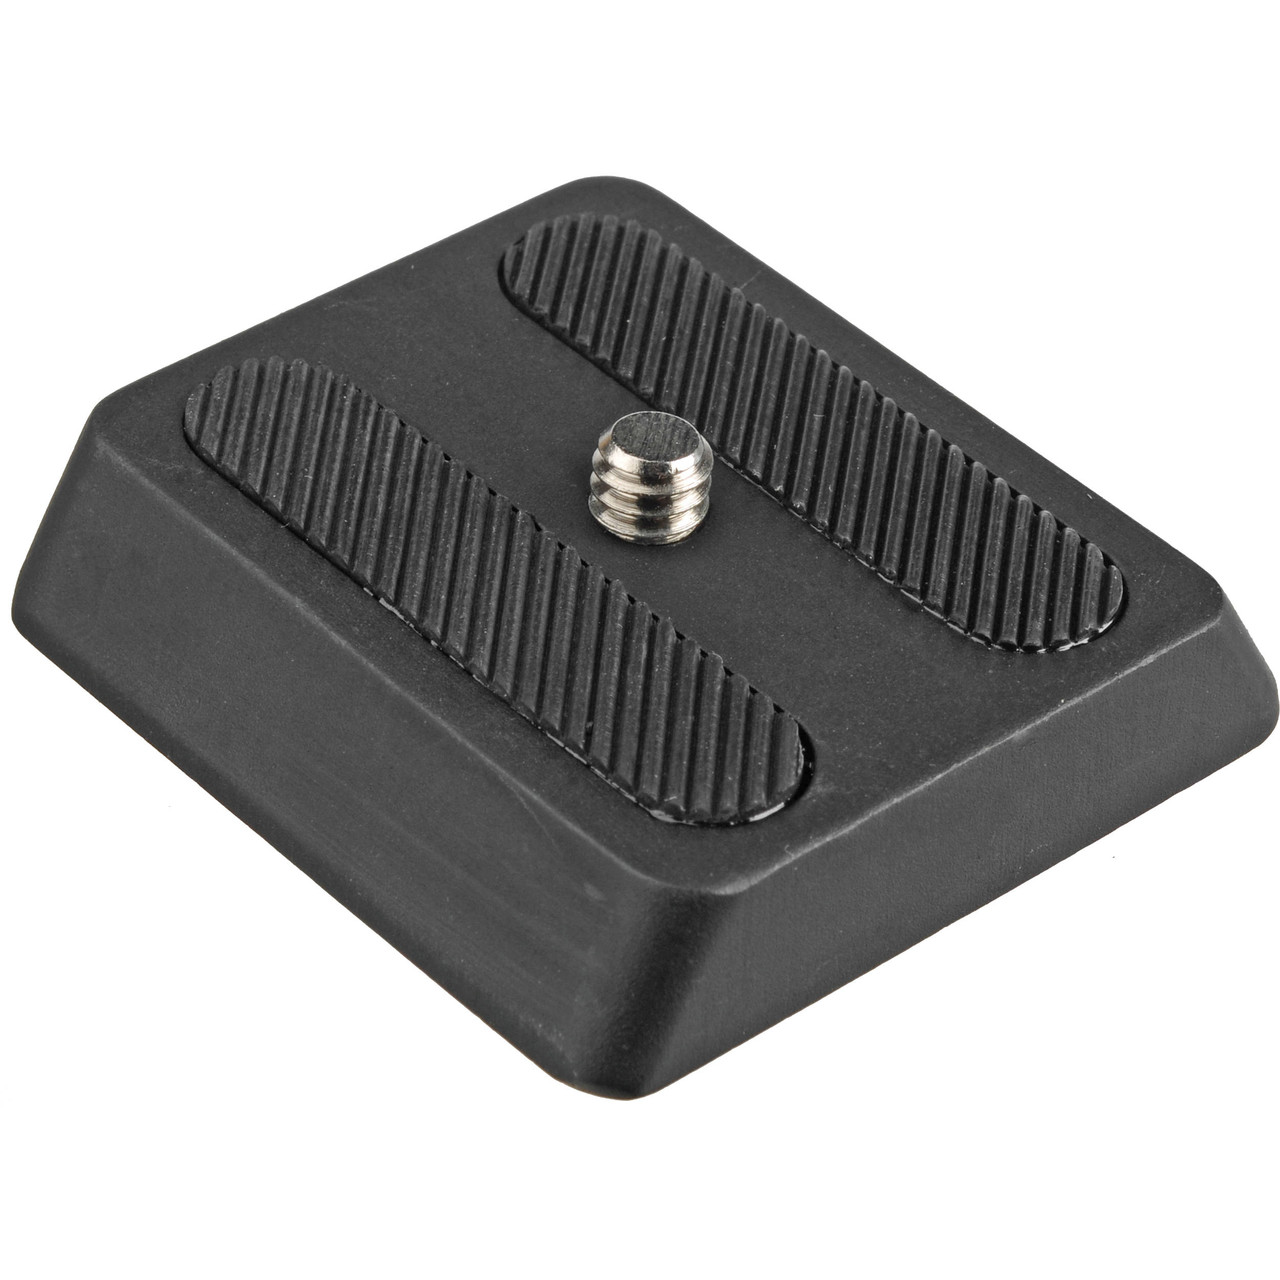 Быстро сёмная площадка Benro PH-08 для голов BH-1-M, HD-18M и DJ-80 (PH08)